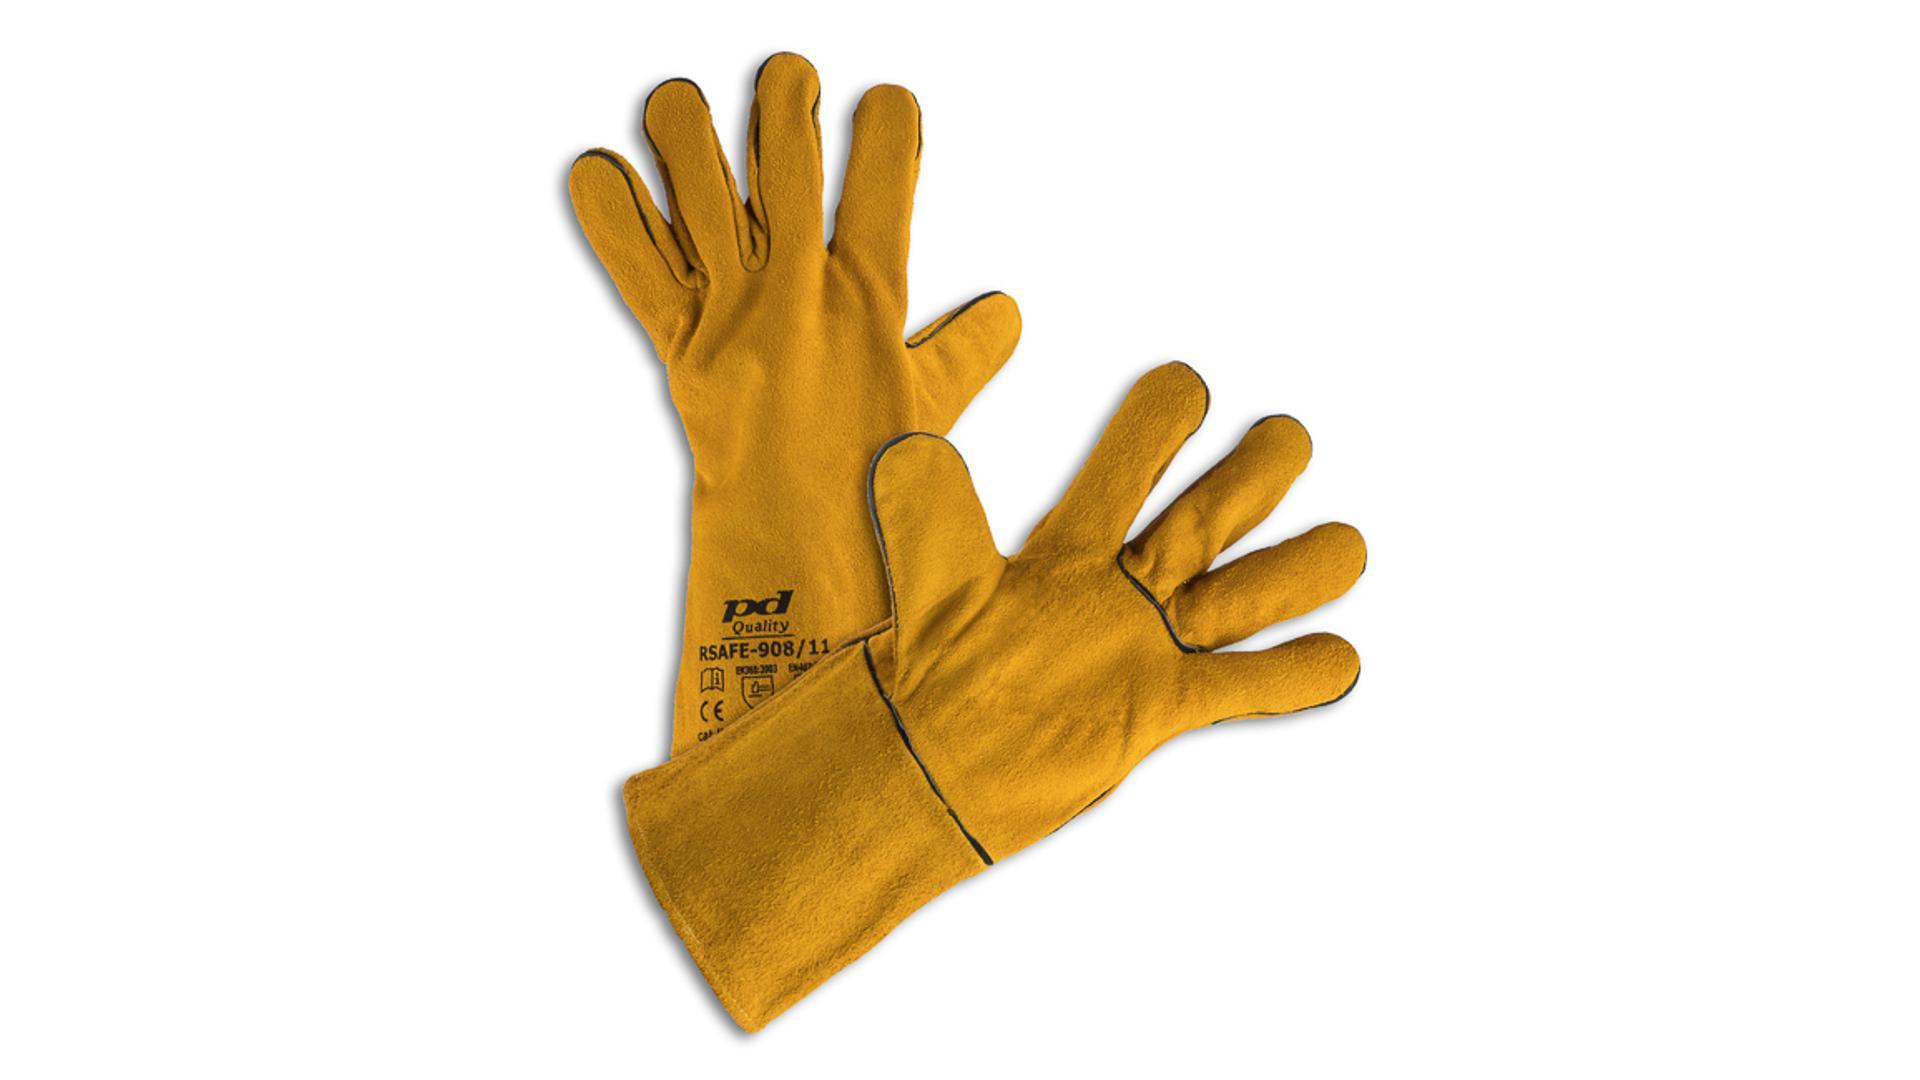 RSAFE-98/11 Zváracie rukavice žlté